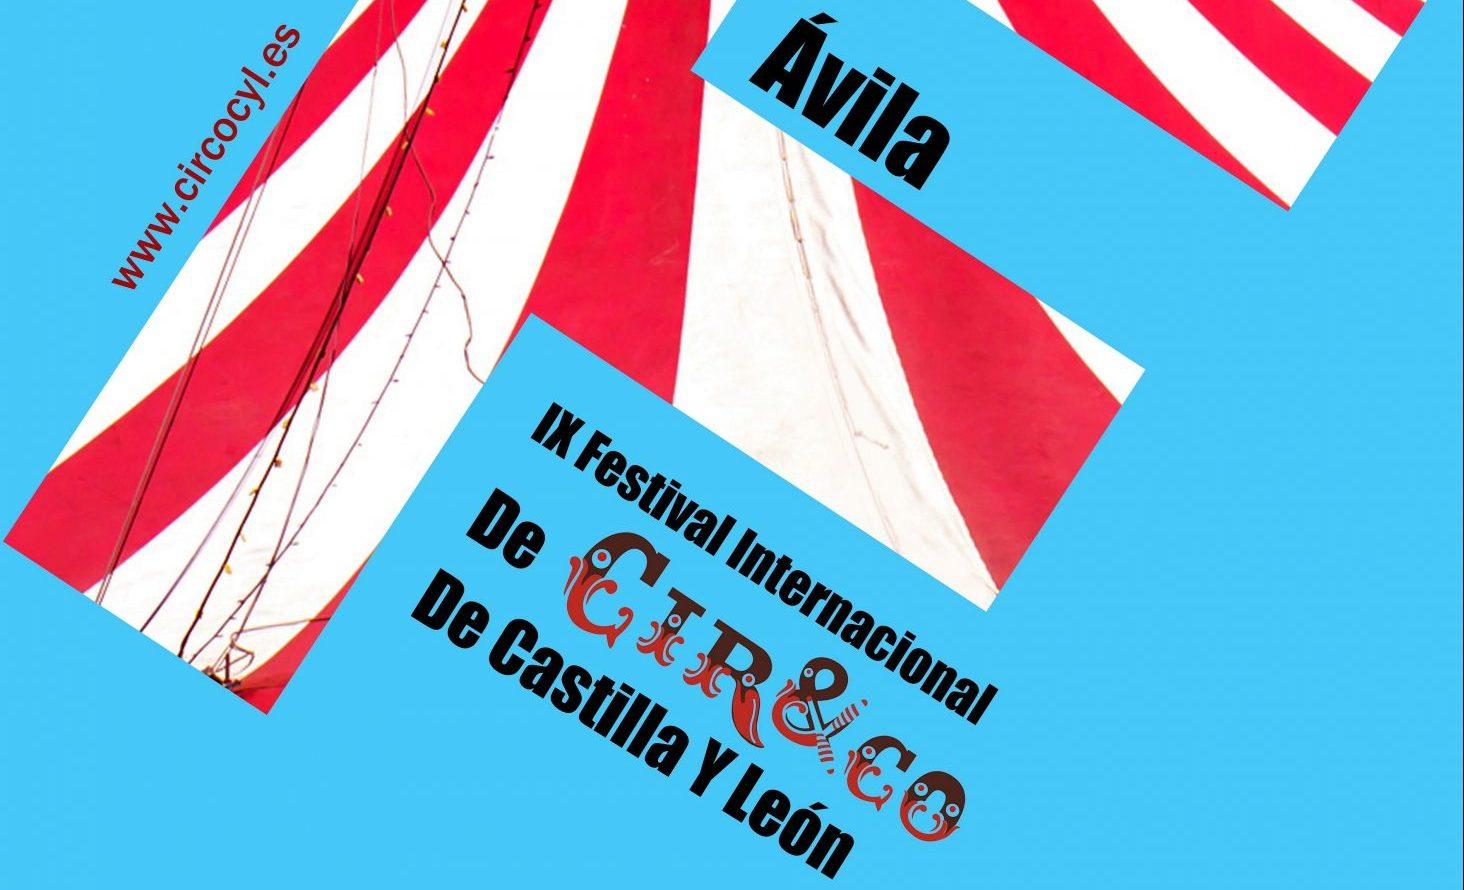 La Junta presenta la IX edición de Cir&Co, que se celebrará en Ávila del 24 al 29 de agosto con la participación de 27 compañías y 84 actuaciones en 15 espacios de la ciudad 1